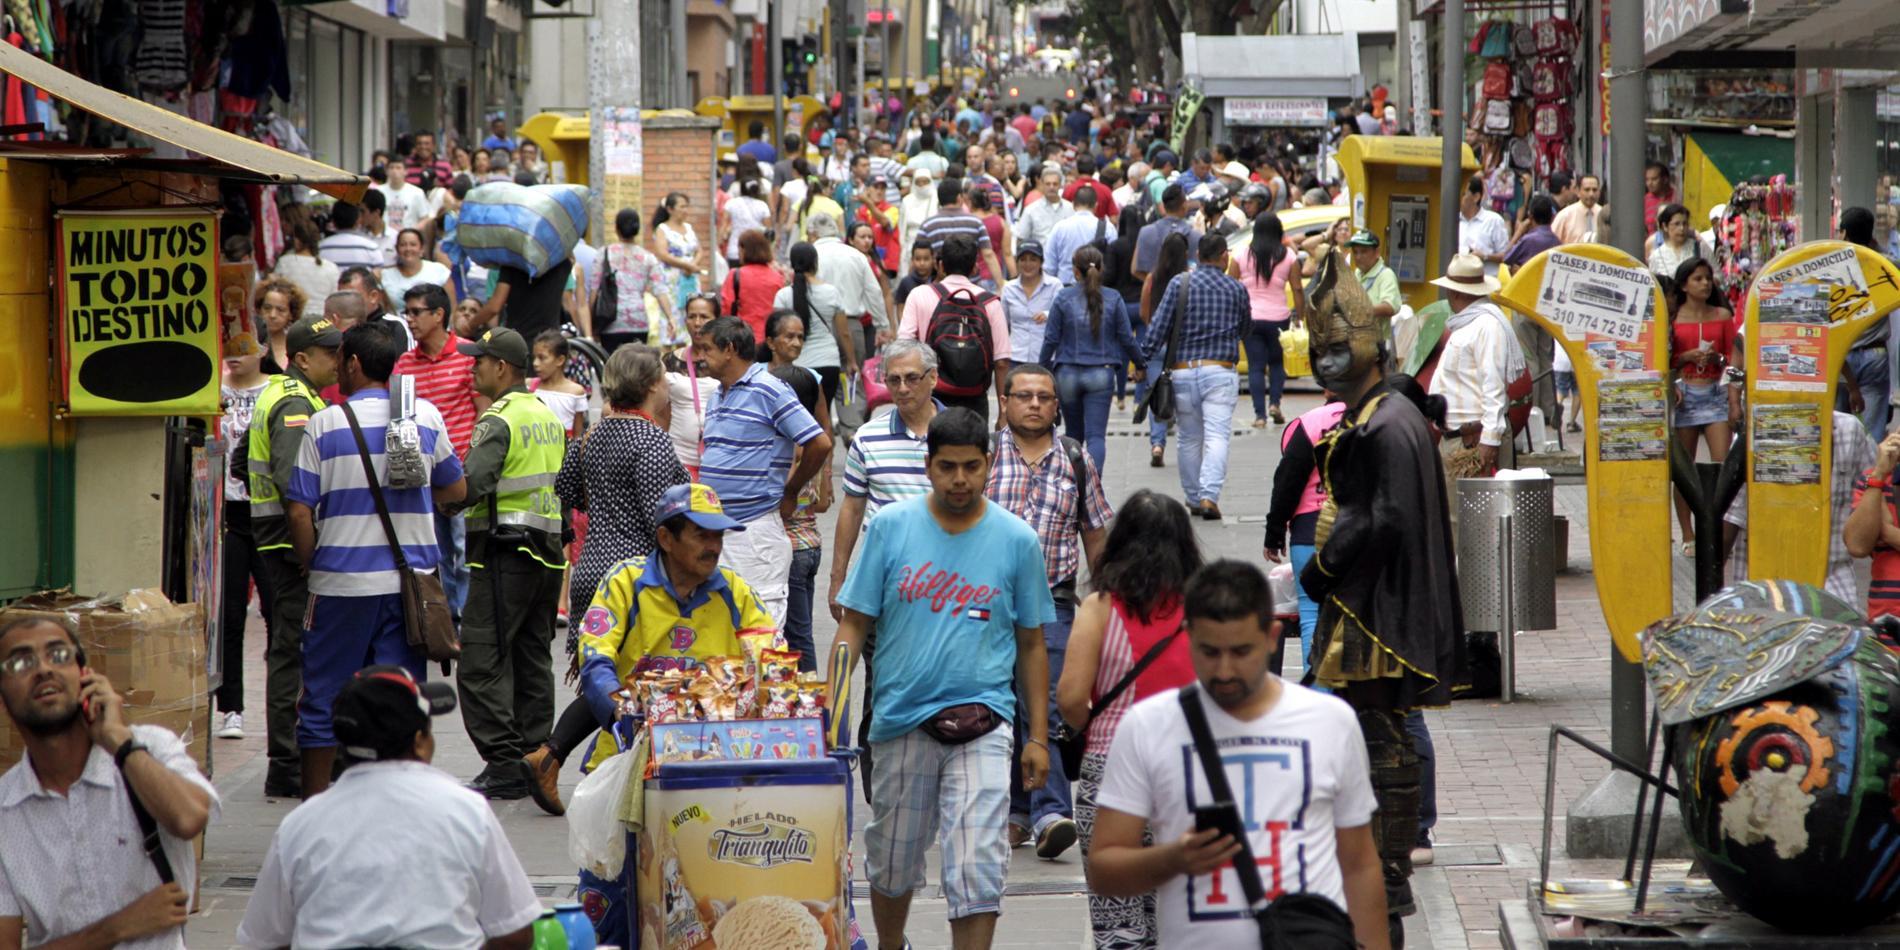 Cámara de Comercio de Bucaramanga anuncia apoyó a emergencia sanitaria con $1.200 millones  | Local | Economía | EL FRENTE